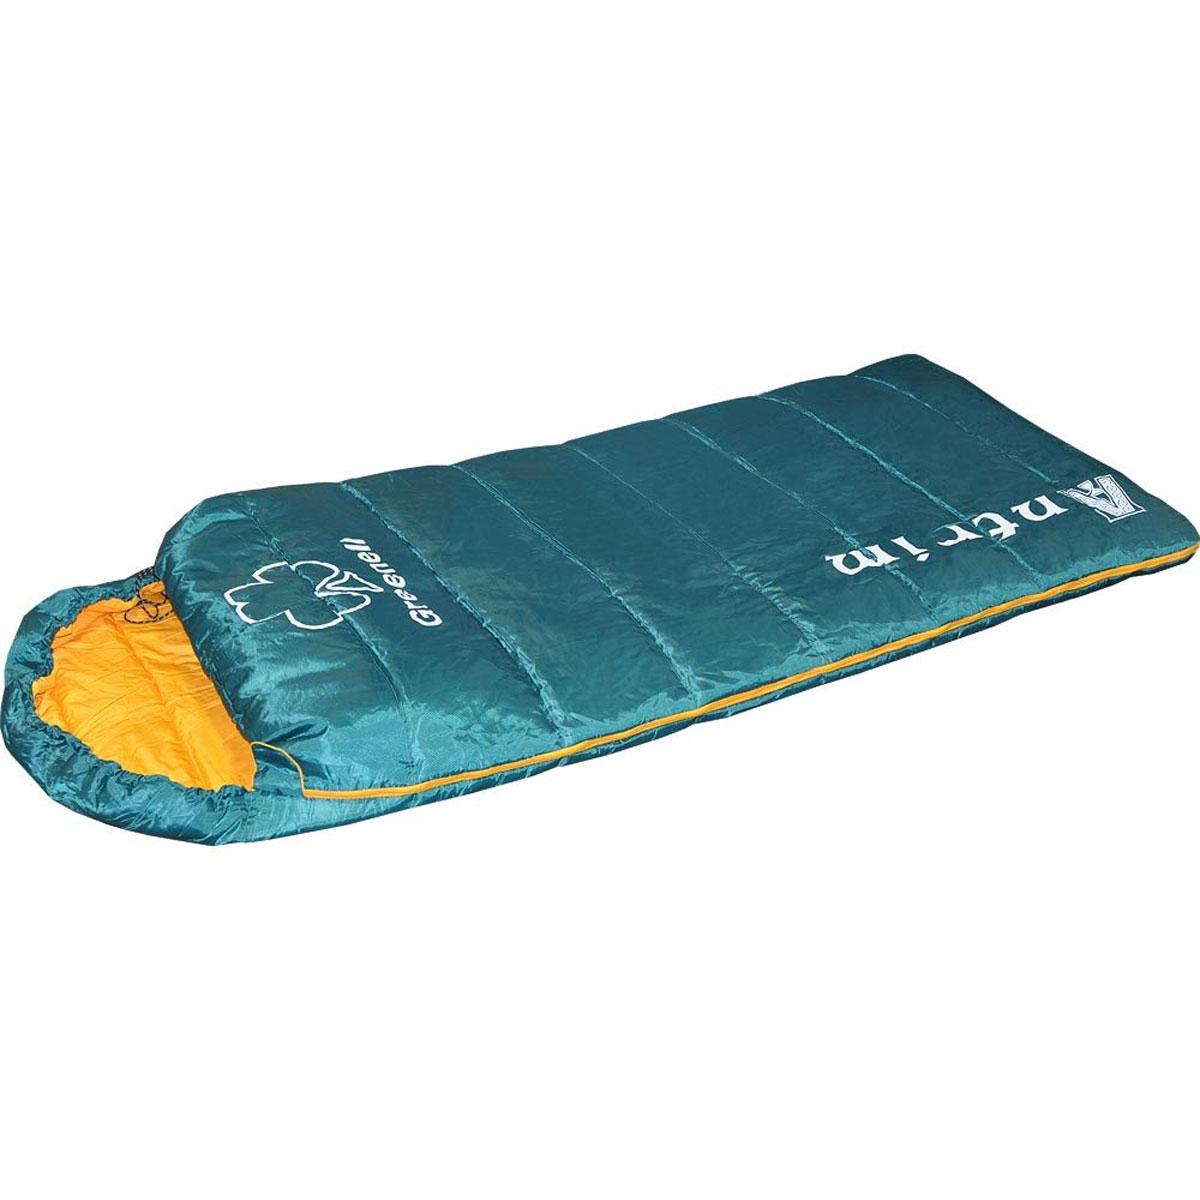 Спальный мешок Greenell Антрим, правосторонняя молния, цвет: зеленыйKOC-H19-LEDЛетний спальник Greenell Антрим изготовлен в форм-факторе мешок-одеяло с подголовником. Антрим имеет большой внутренний объем и ориентирован на использование людьми, крупной комплекции, а для капризных путешественников, любящих особый комфорт это единственный и необходимый вариант для полноценного ночлега! Легкий спальник Greenell Антрим имеет удобный кармашек внутри для личных вещей, очков, контактных линз и другой ночной атрибутики. В свернутом виде спальник помещается в компрессионный мешок и занимает минимум места в рюкзаке или багажном отделении автомобиля.Ткань верха спального мешка обработана влагостойкой пропиткой. Гиппоалергенный материал утеплителя холлофайбер не сминается, быстро сохнет и обладает отличными теплосберегающими свойствами. Особое расположение швов предотвращает миграцию утеплителя внутри спального мешка.При необходимости двухзамковая молния позволяет состегнуть два однотипных спальника, образуя просторную спарку для отдыха всей семьей. Материал верха: 210T Polyester Honey Ripstop Cire W/R. Материал подкладки: 240T Polyester Pongee.